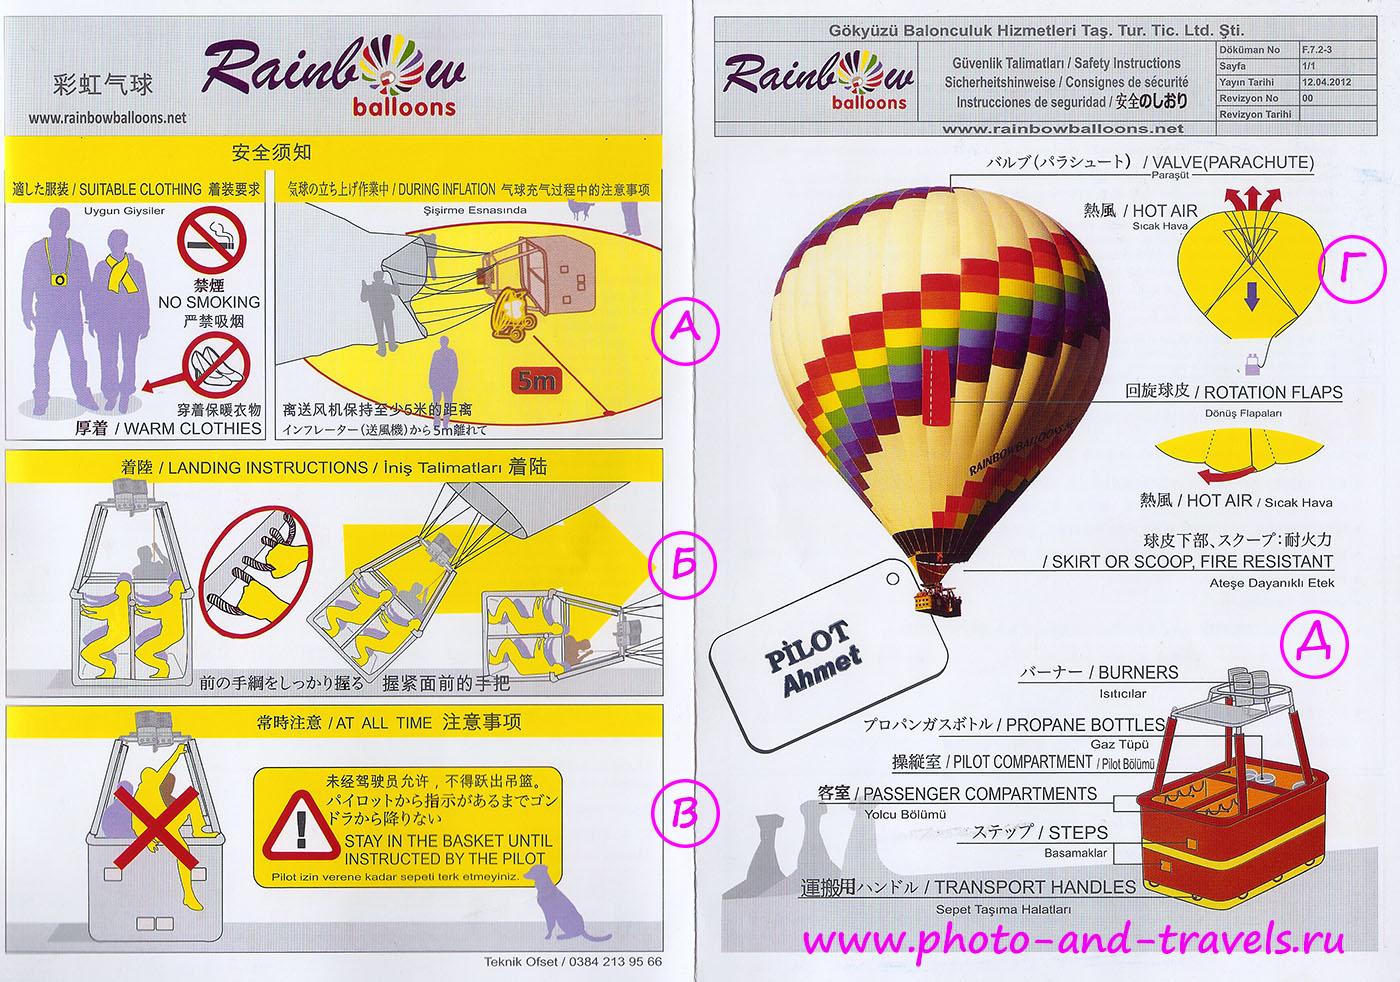 Рисунок 6. Рекомендации по безопасности во время полета на воздушном шаре.